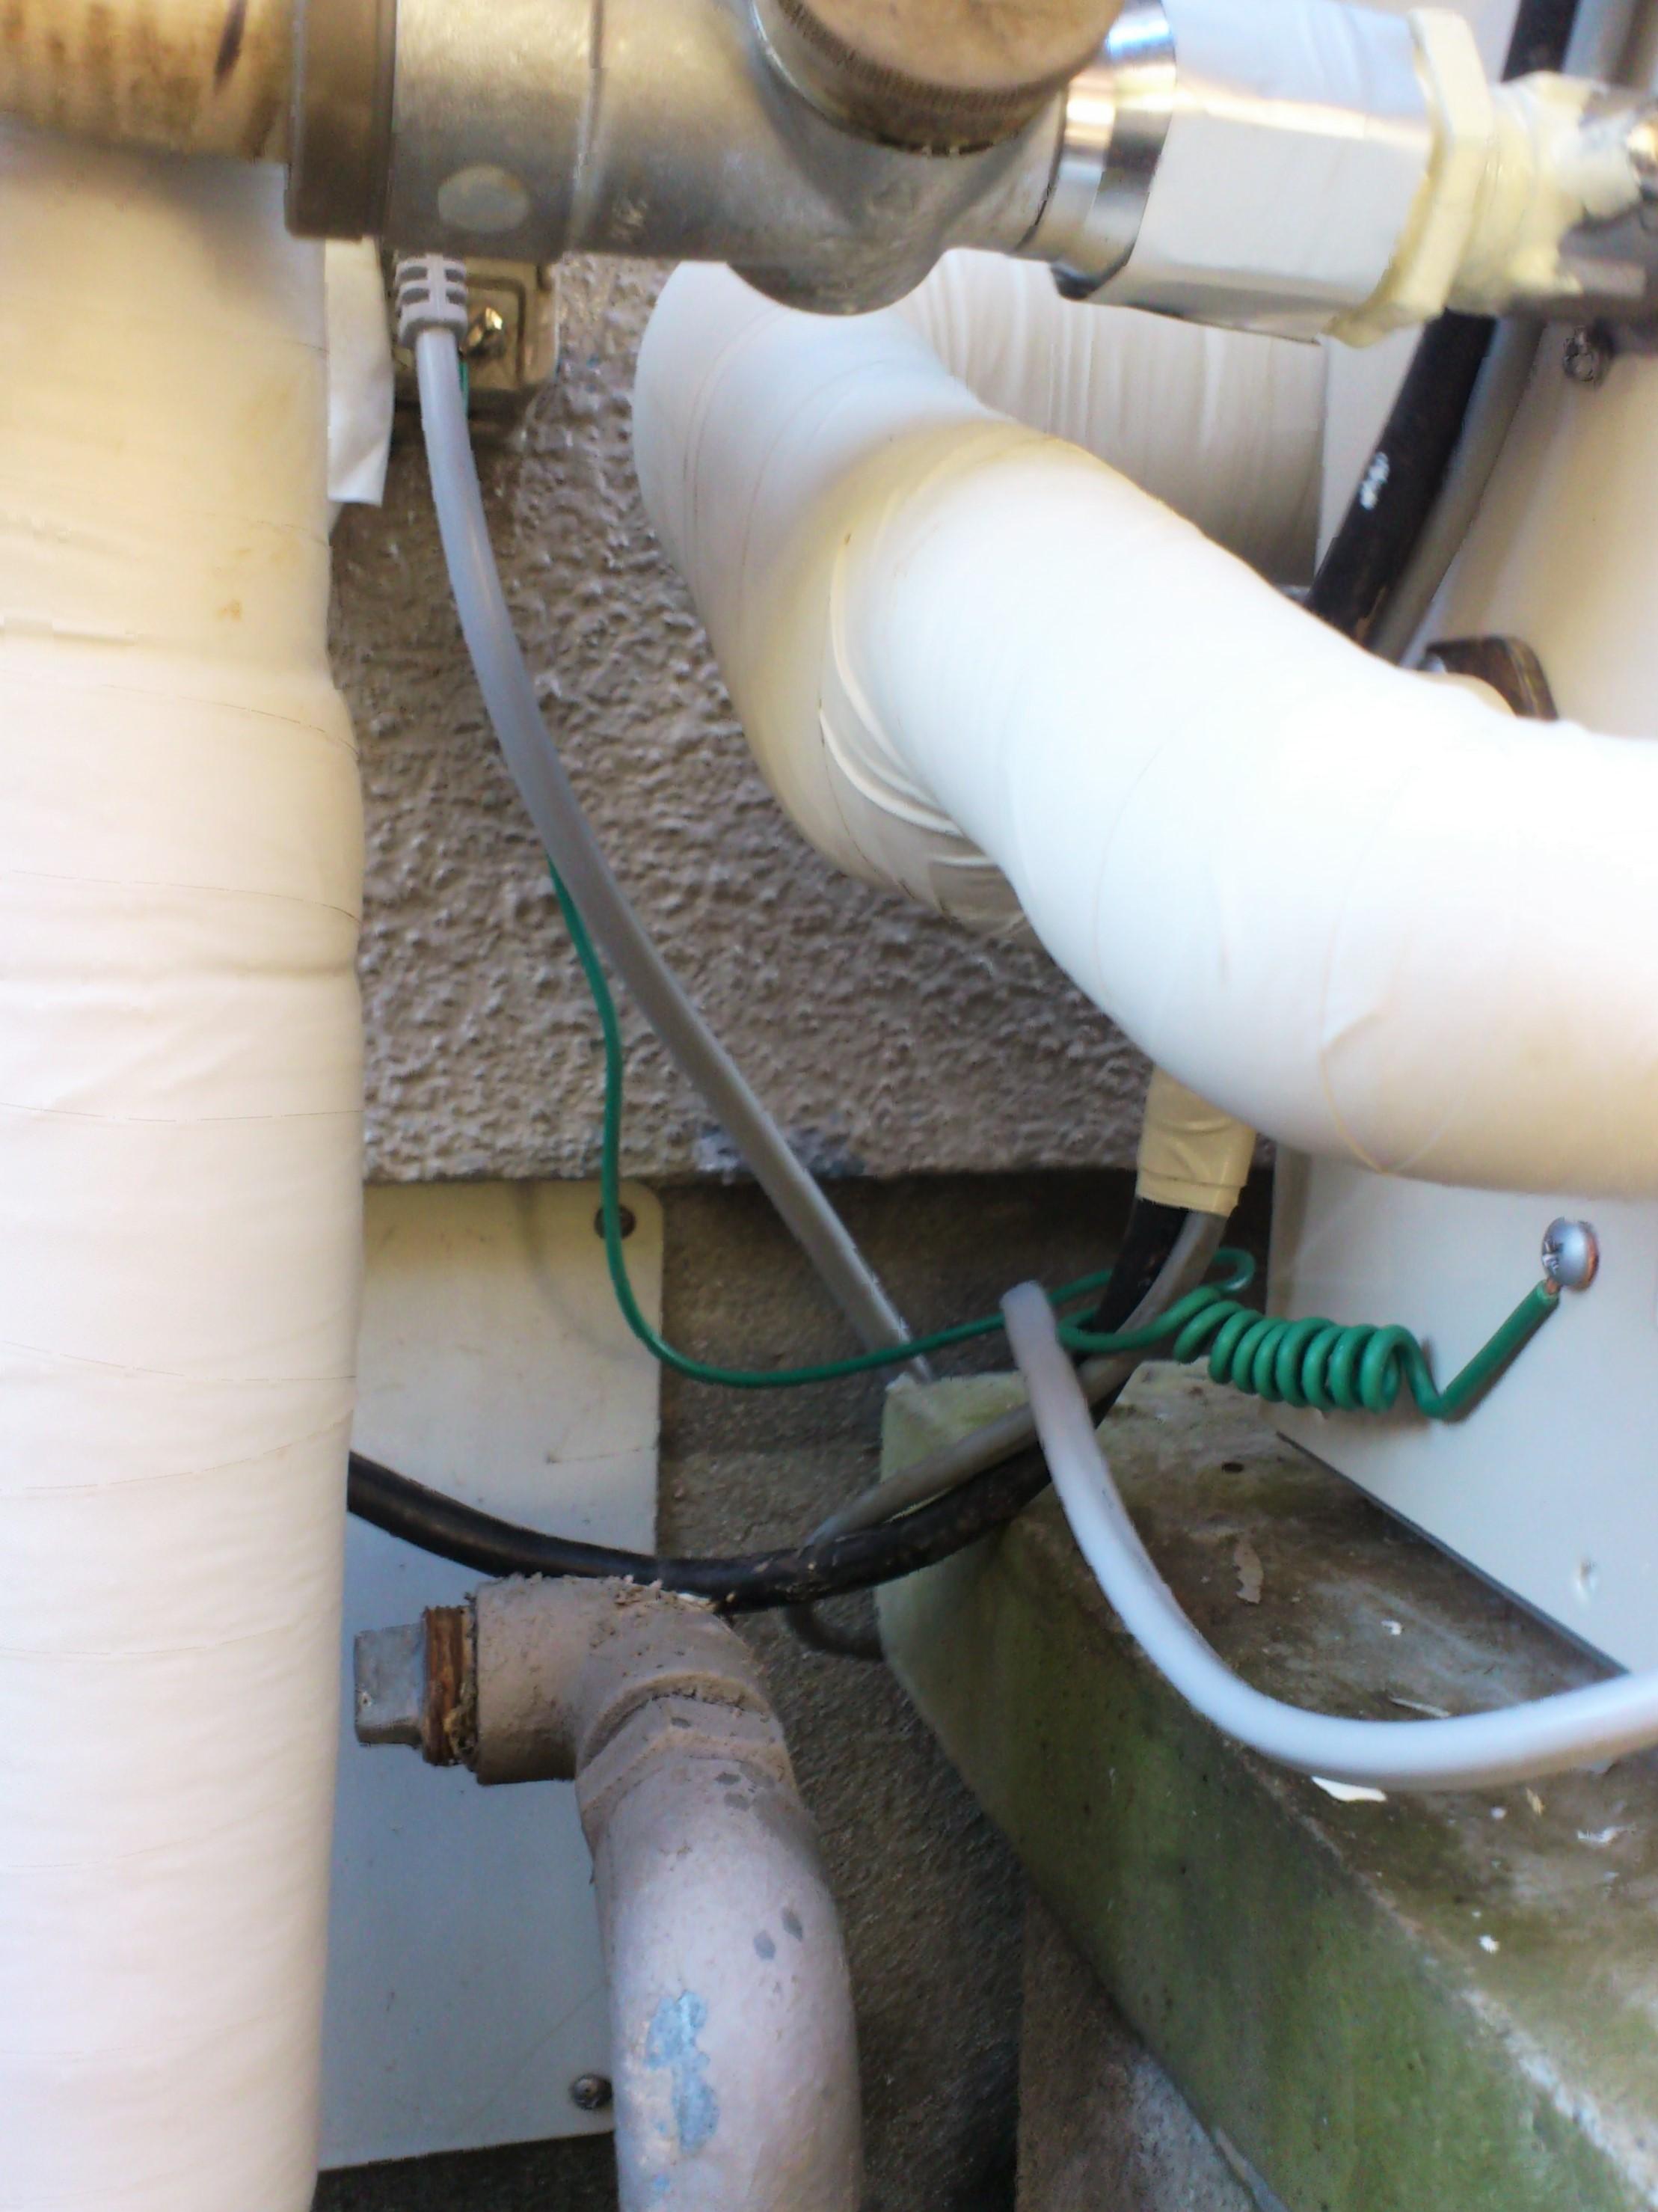 【アース工事】万が一の漏電時に備えアース線を接続します。